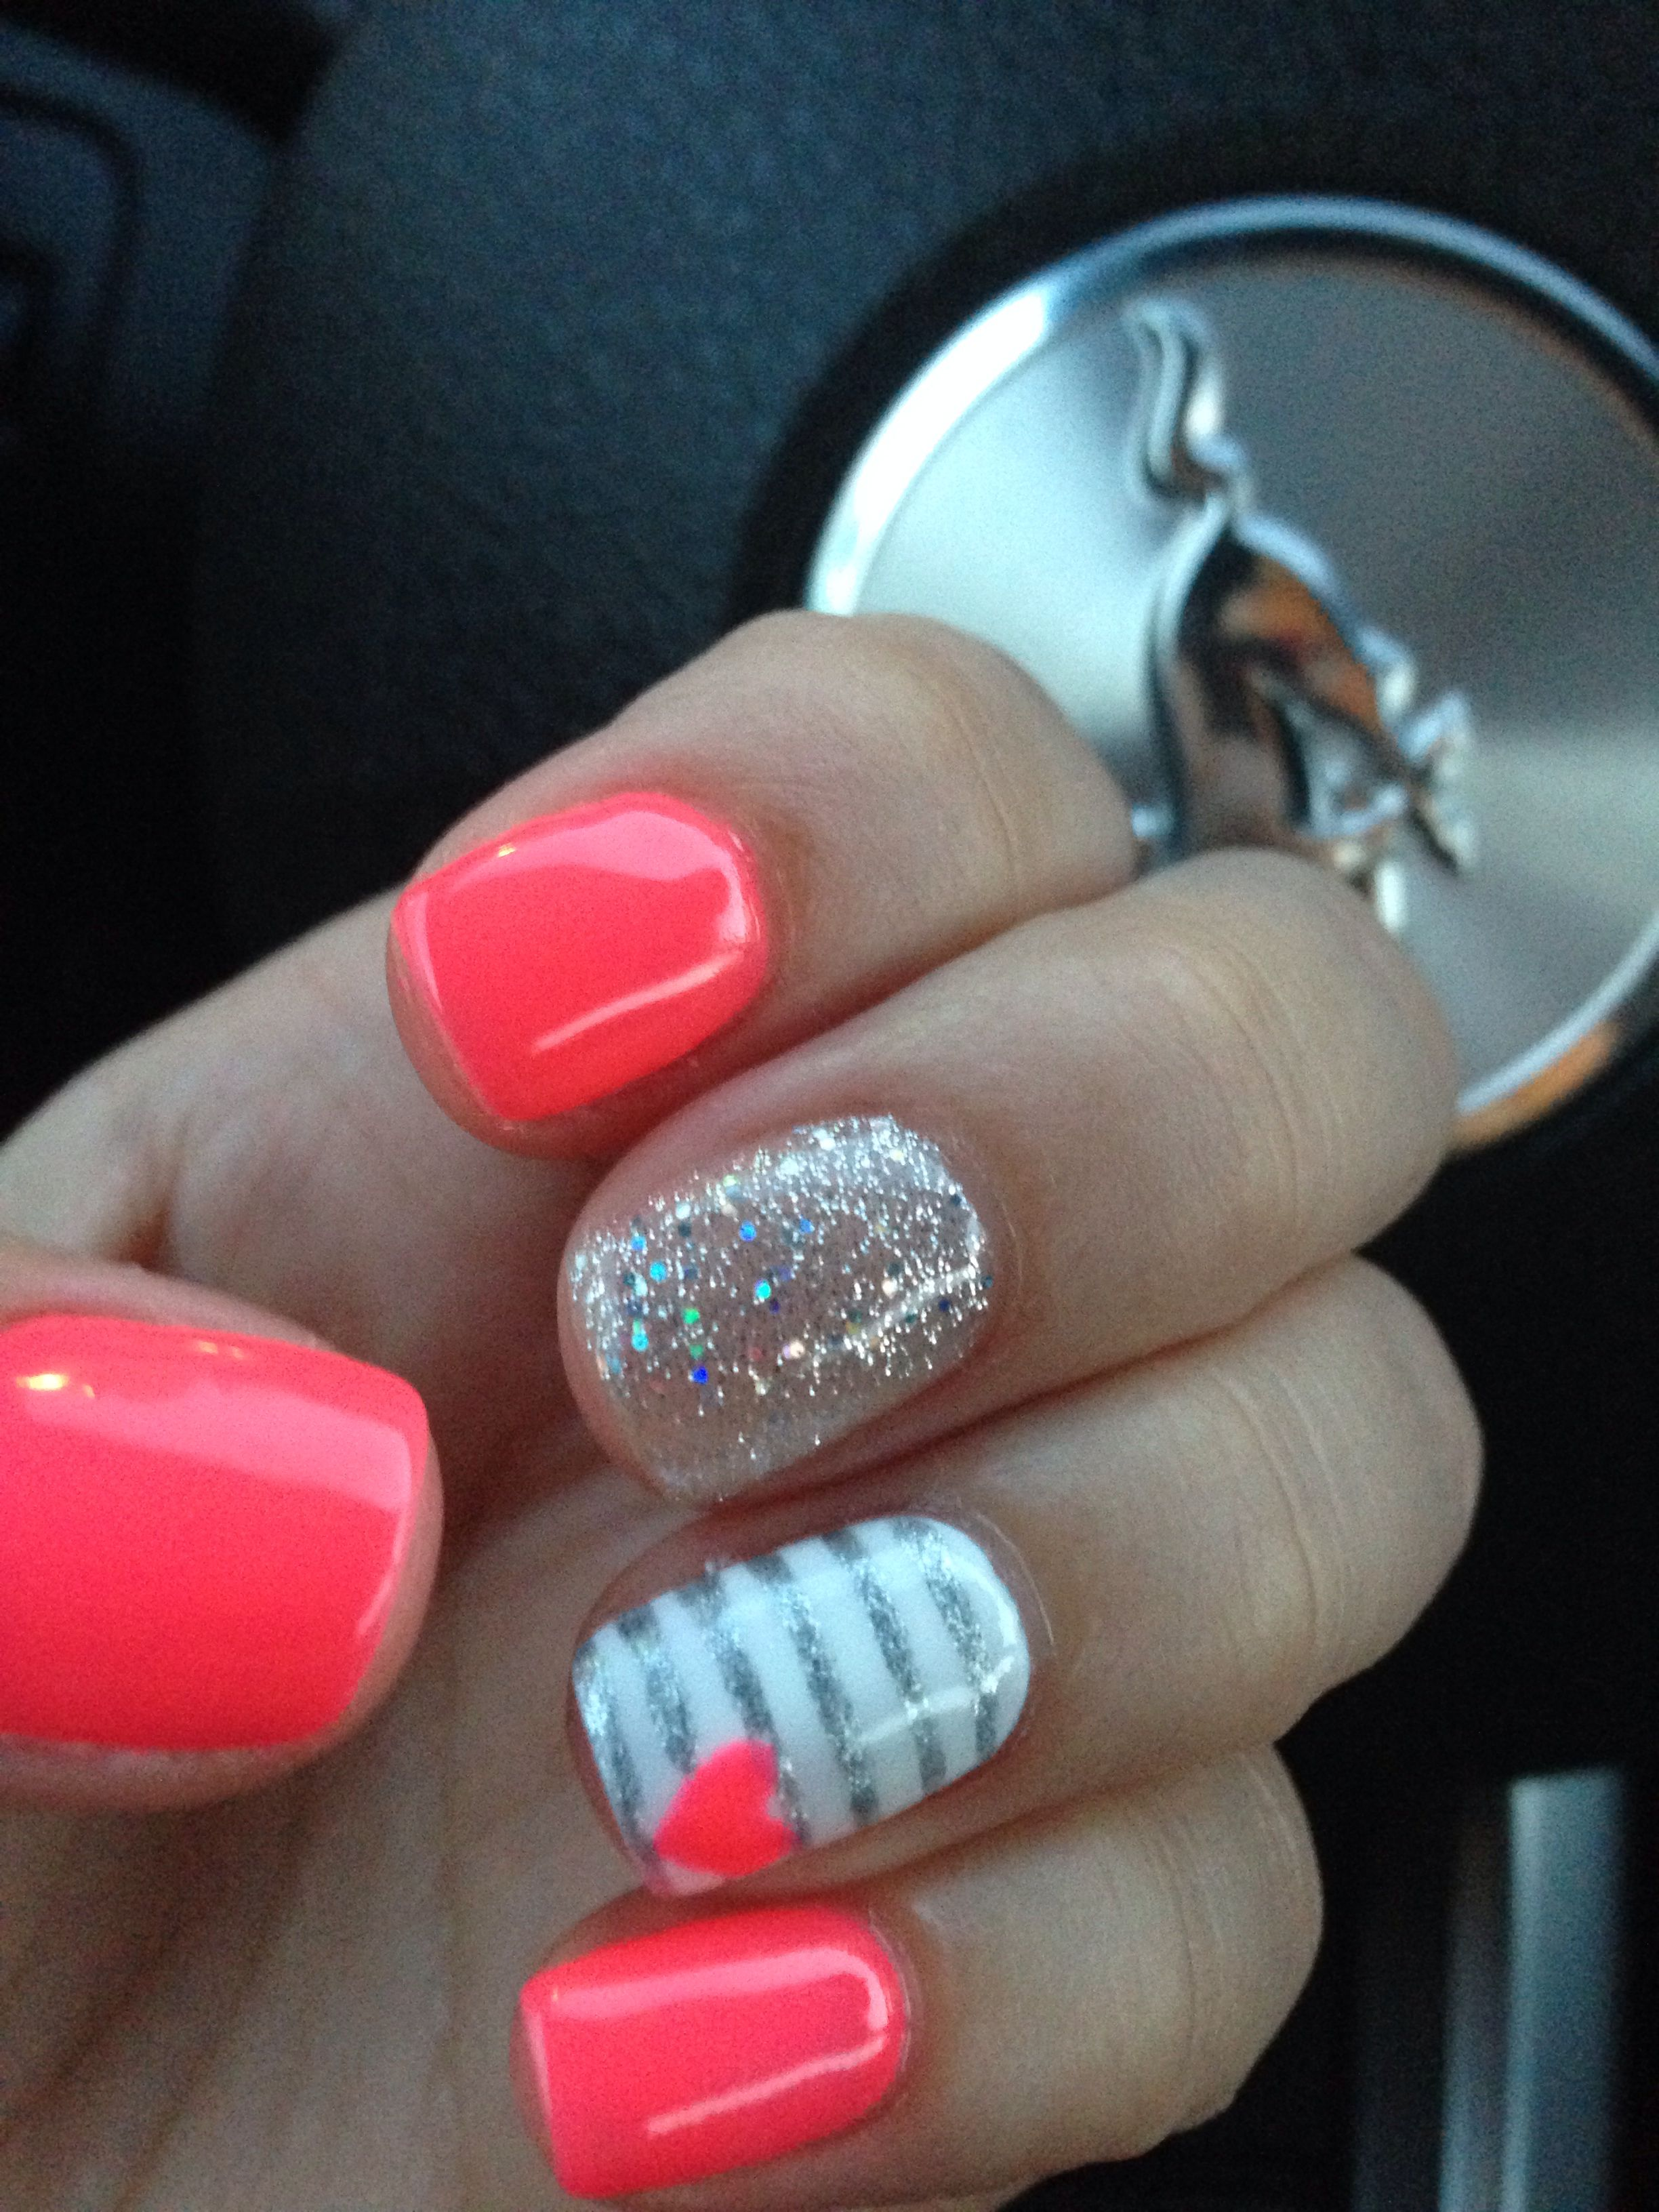 26 Nail Art Ideas Perfect For Short Nails | Nails | Pinterest ...